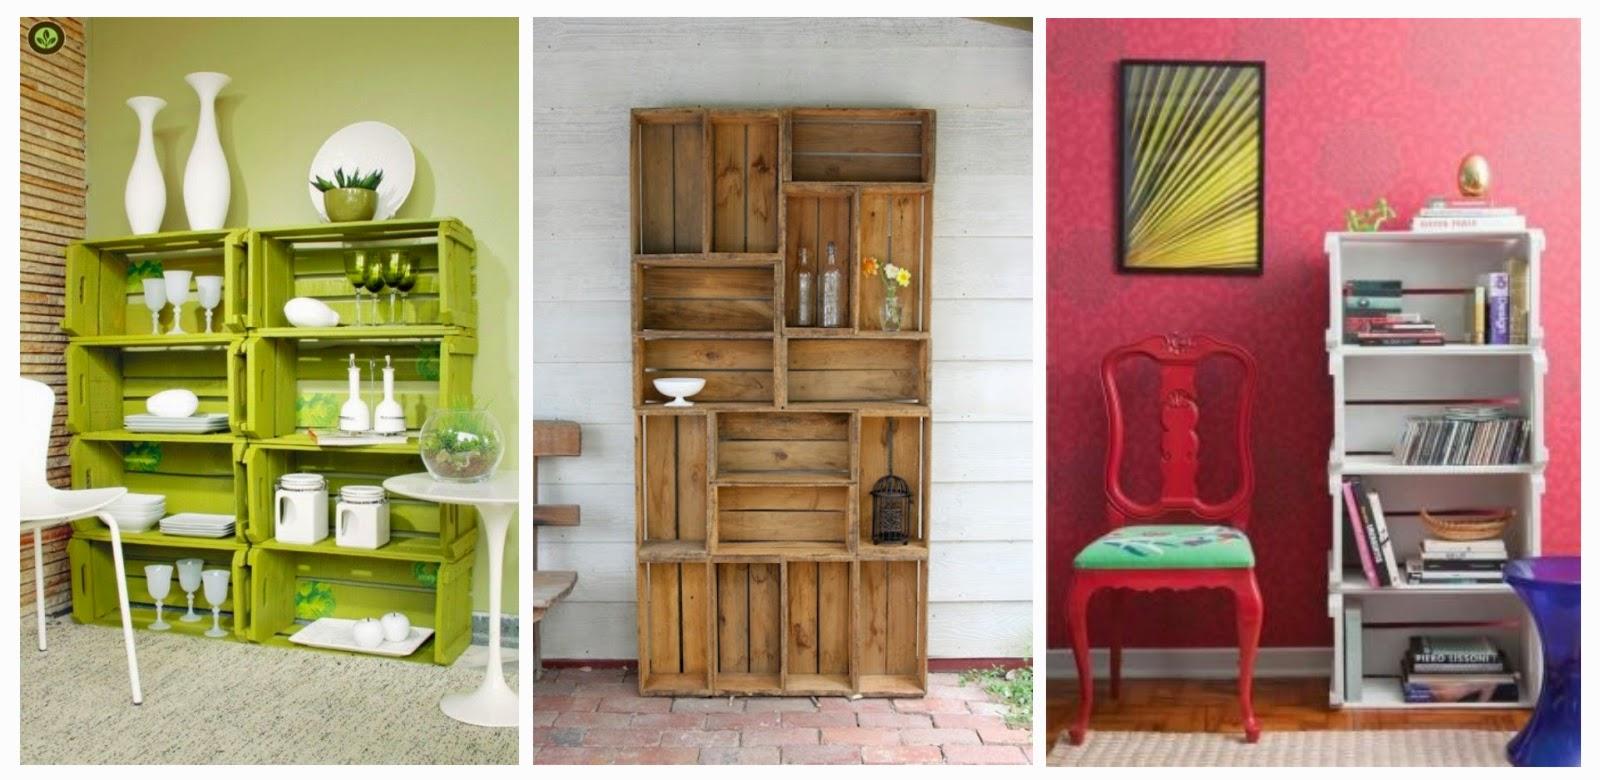 tutorial de artesan as 10 ideas de muebles neor sticos On como hacer una estanteria con cajones de verduras